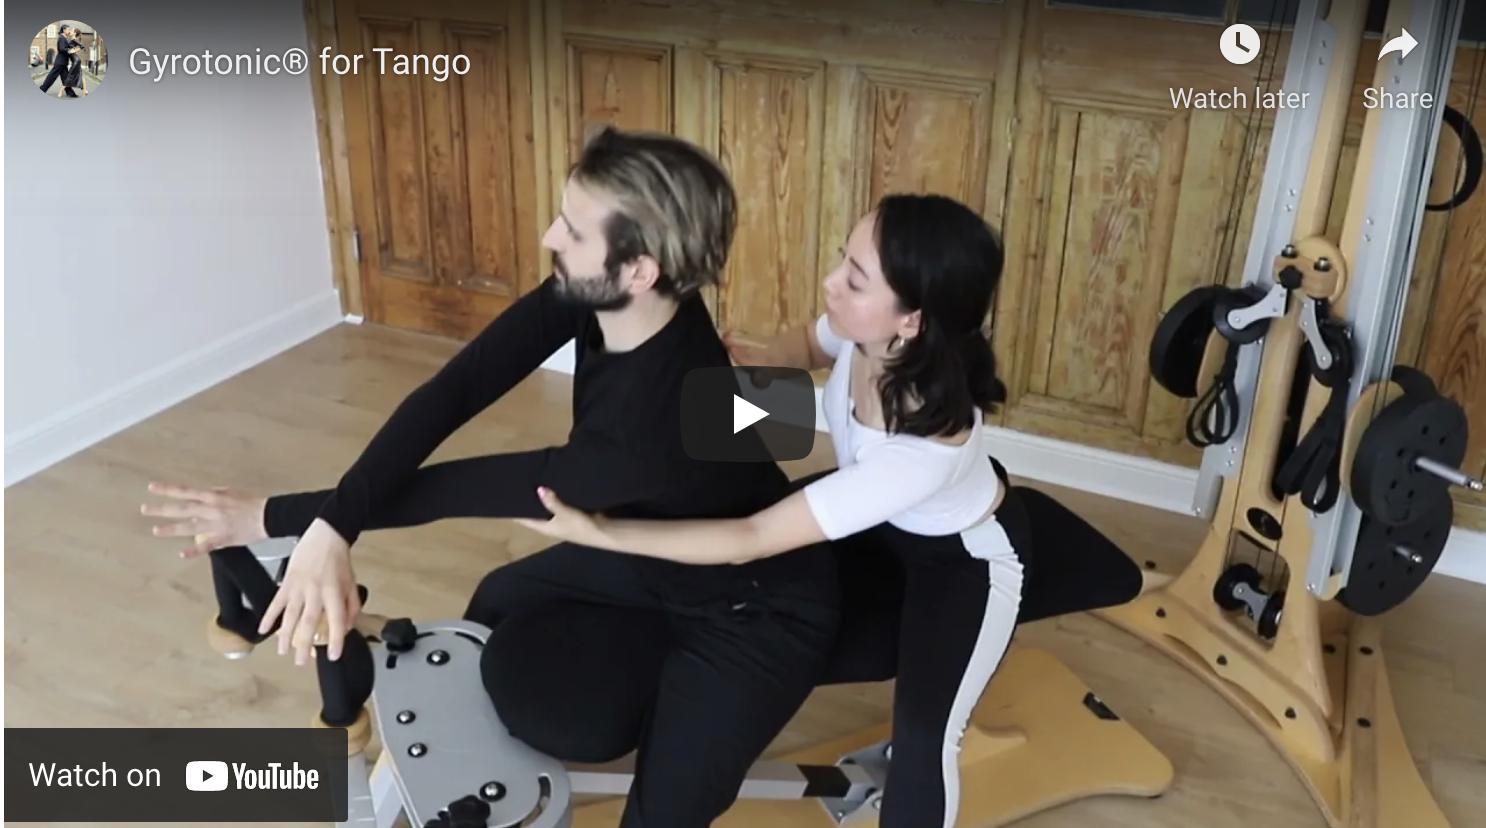 Gyrotonic for Tango